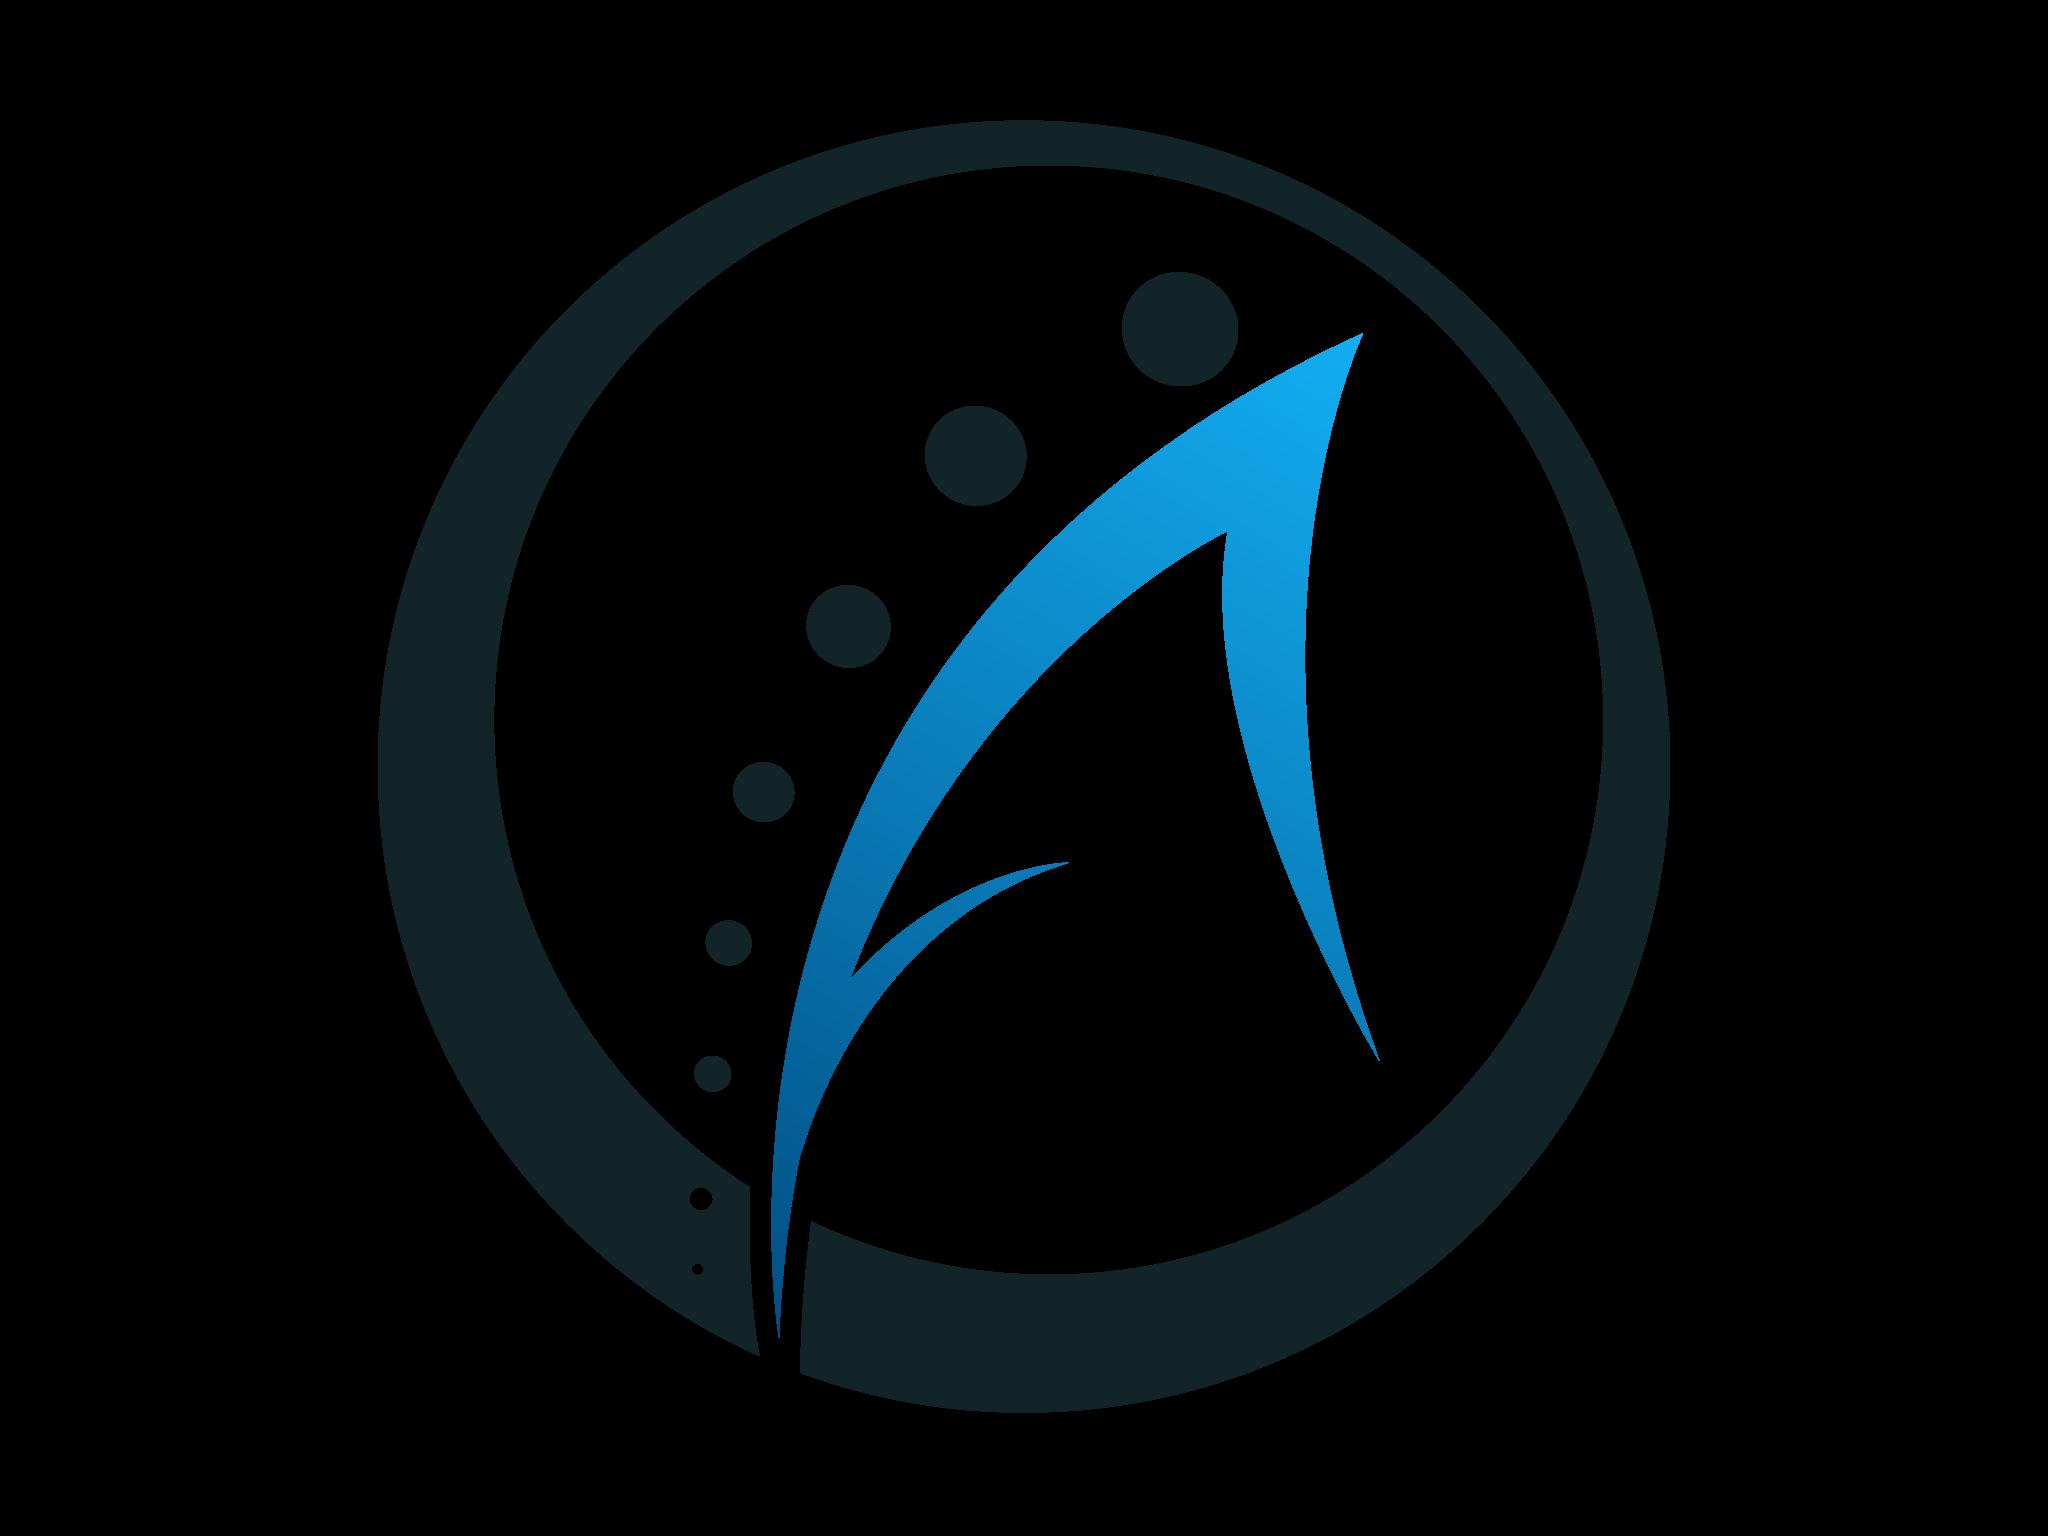 alpine-security-logo.jpg